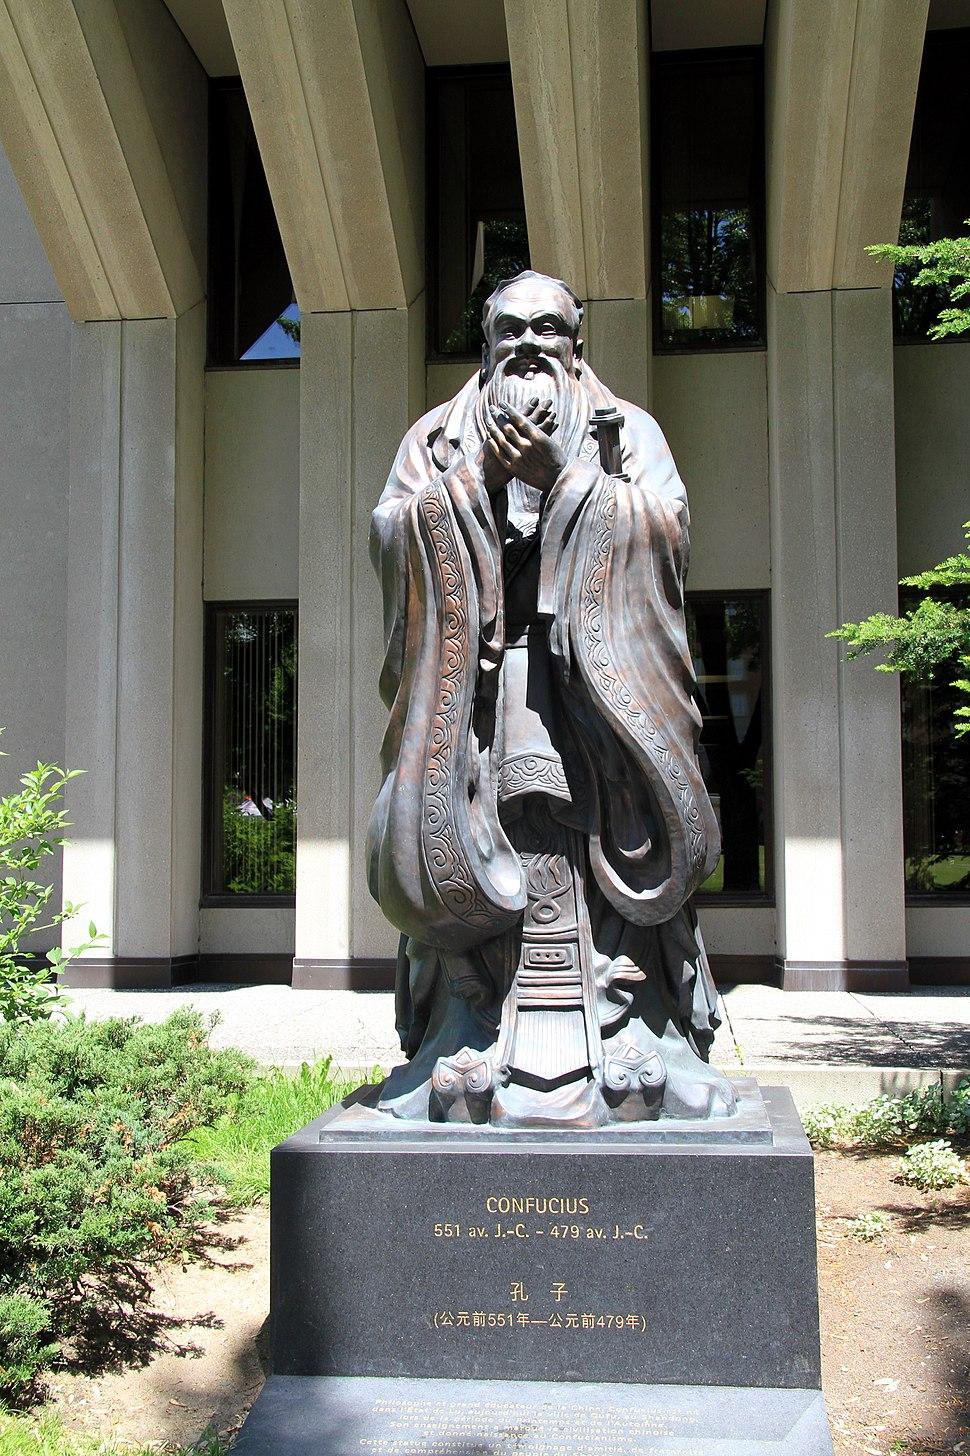 WPQc-133 Confucius